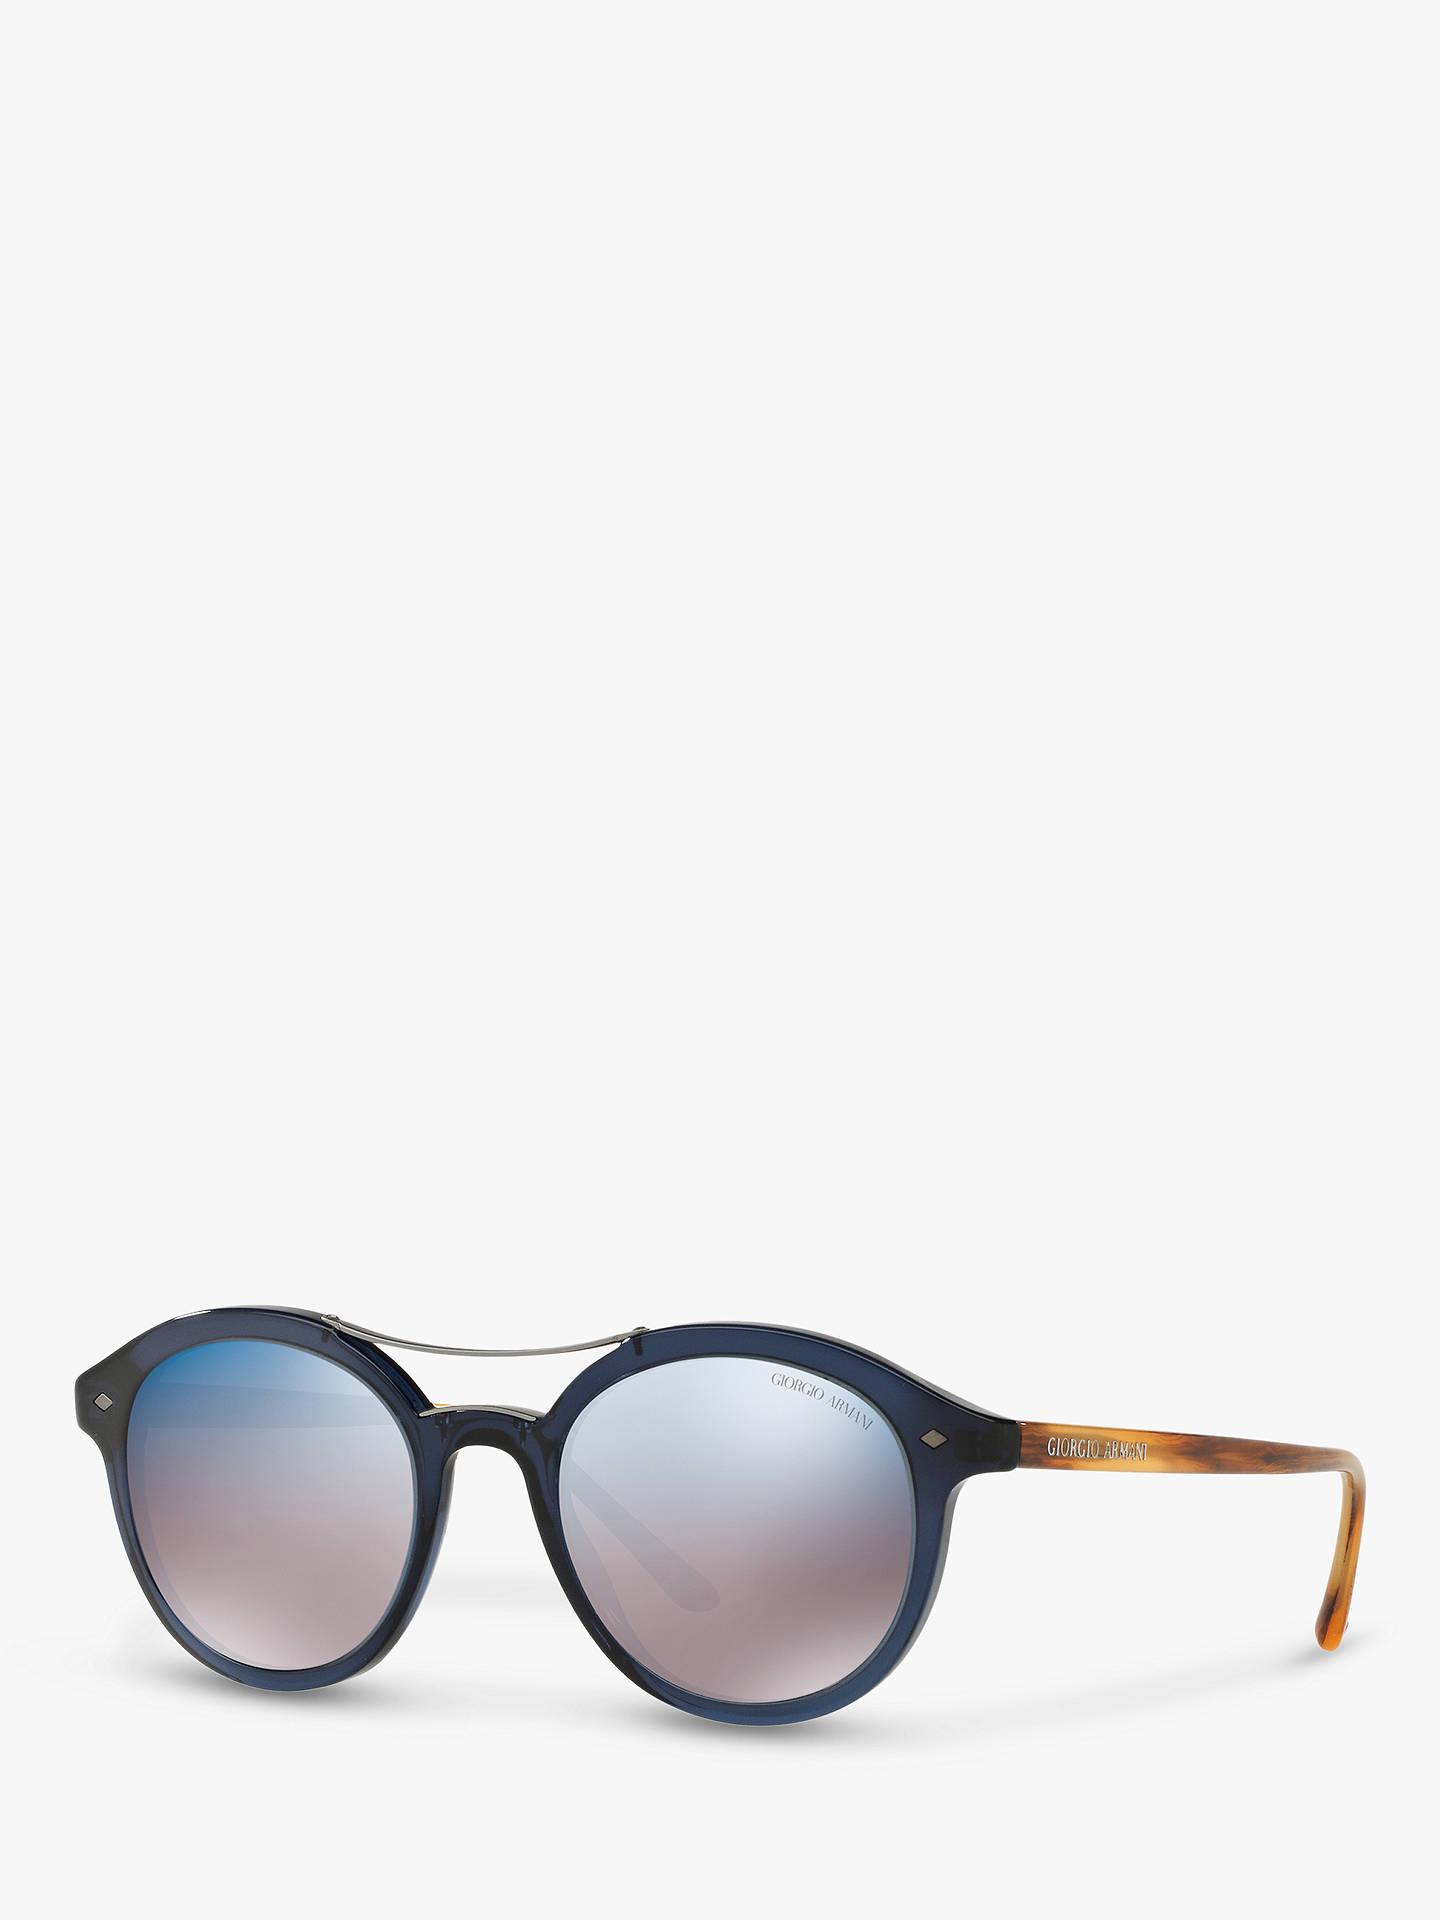 dba07e4a802 Buy Giorgio Armani AR8007 Men s Round Sunglasses